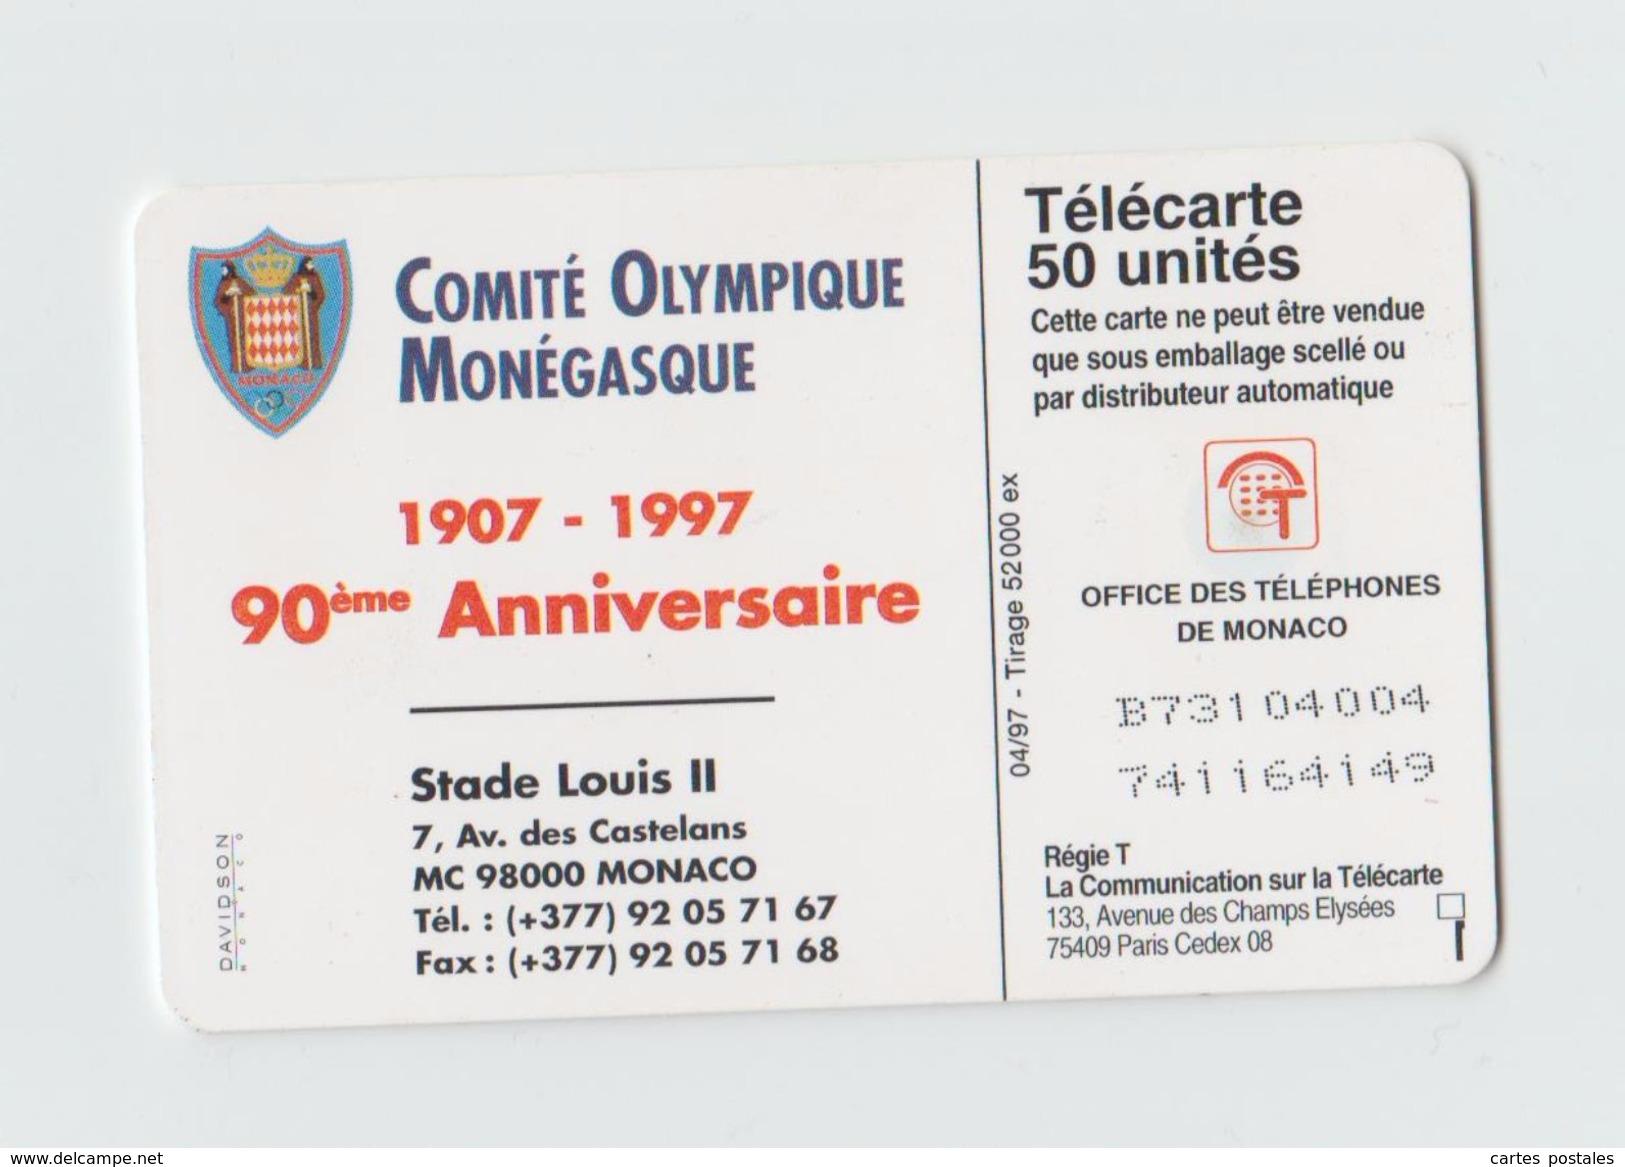 Comité Olympique Monégasque 90ème Anniversaire - Monaco